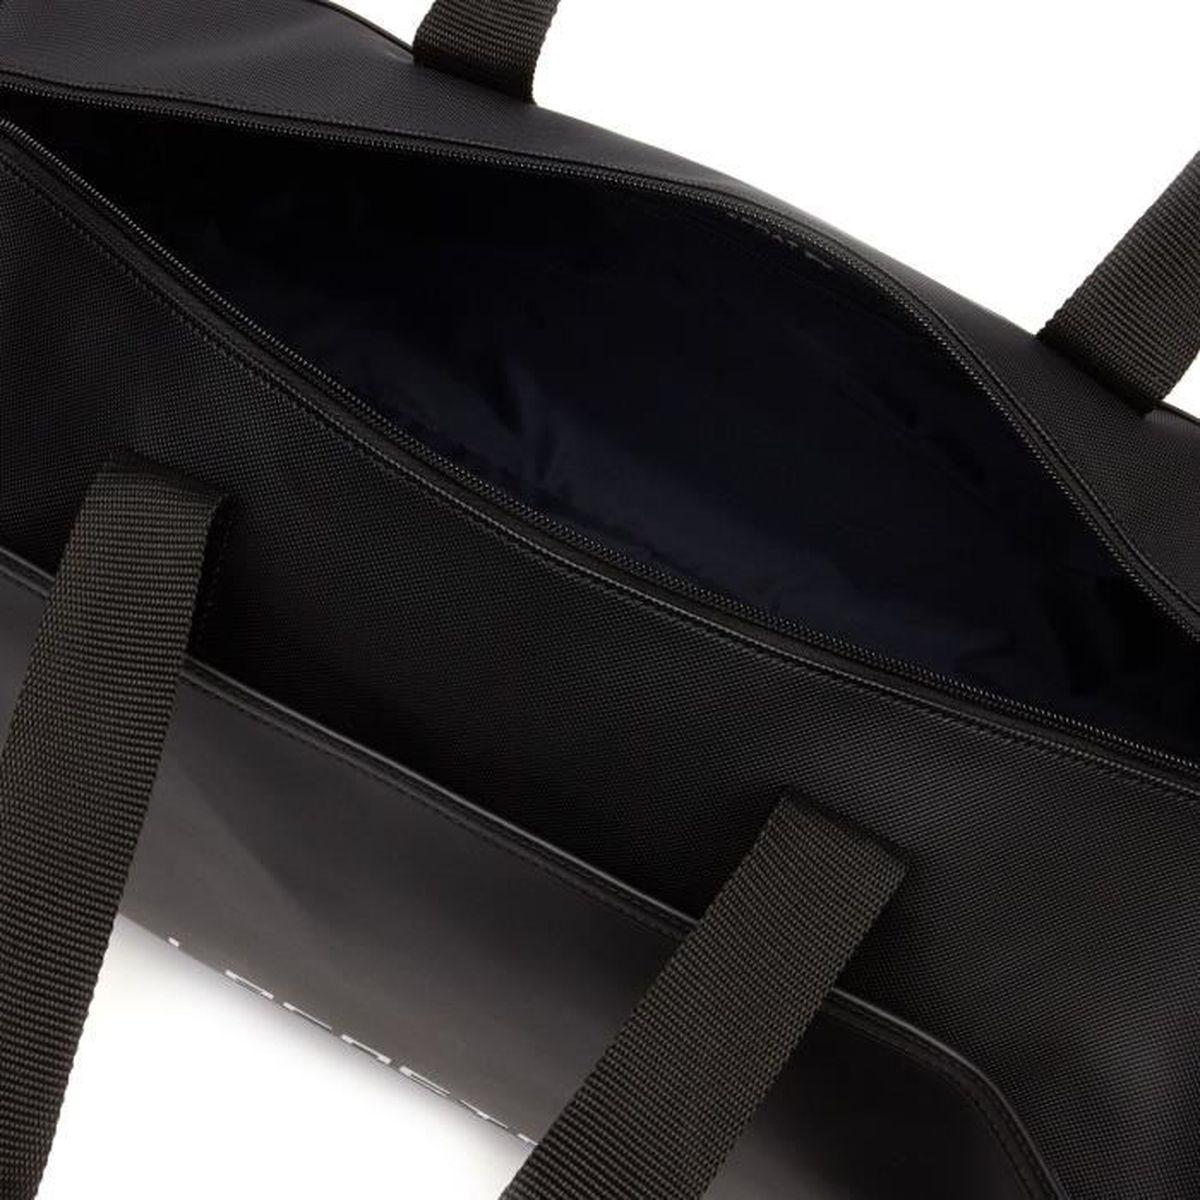 0478ba267f Sac Polochon Lacoste SPORT Ultimum Lacoste - NH2353UT - Noir Noir Noir -  Achat / Vente sacoche 3700944573369 - Cdiscount